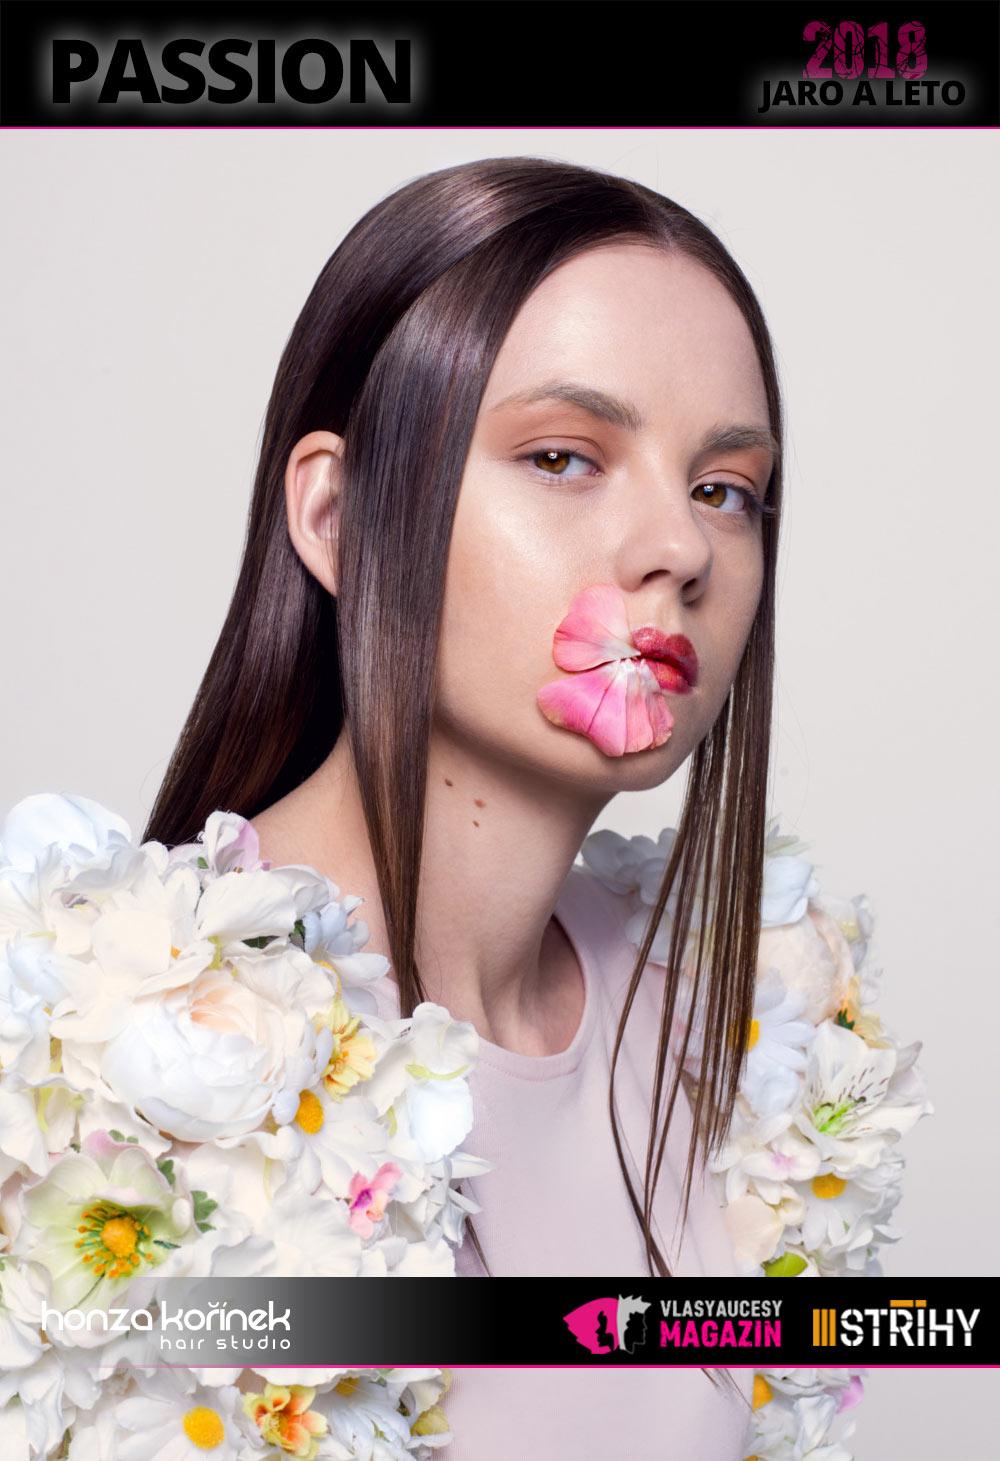 Honza Kořínek: Passion (S/S 2018): Novou kolekci účesů Honzy Kořínka charakterizují všudepřítomné květiny.